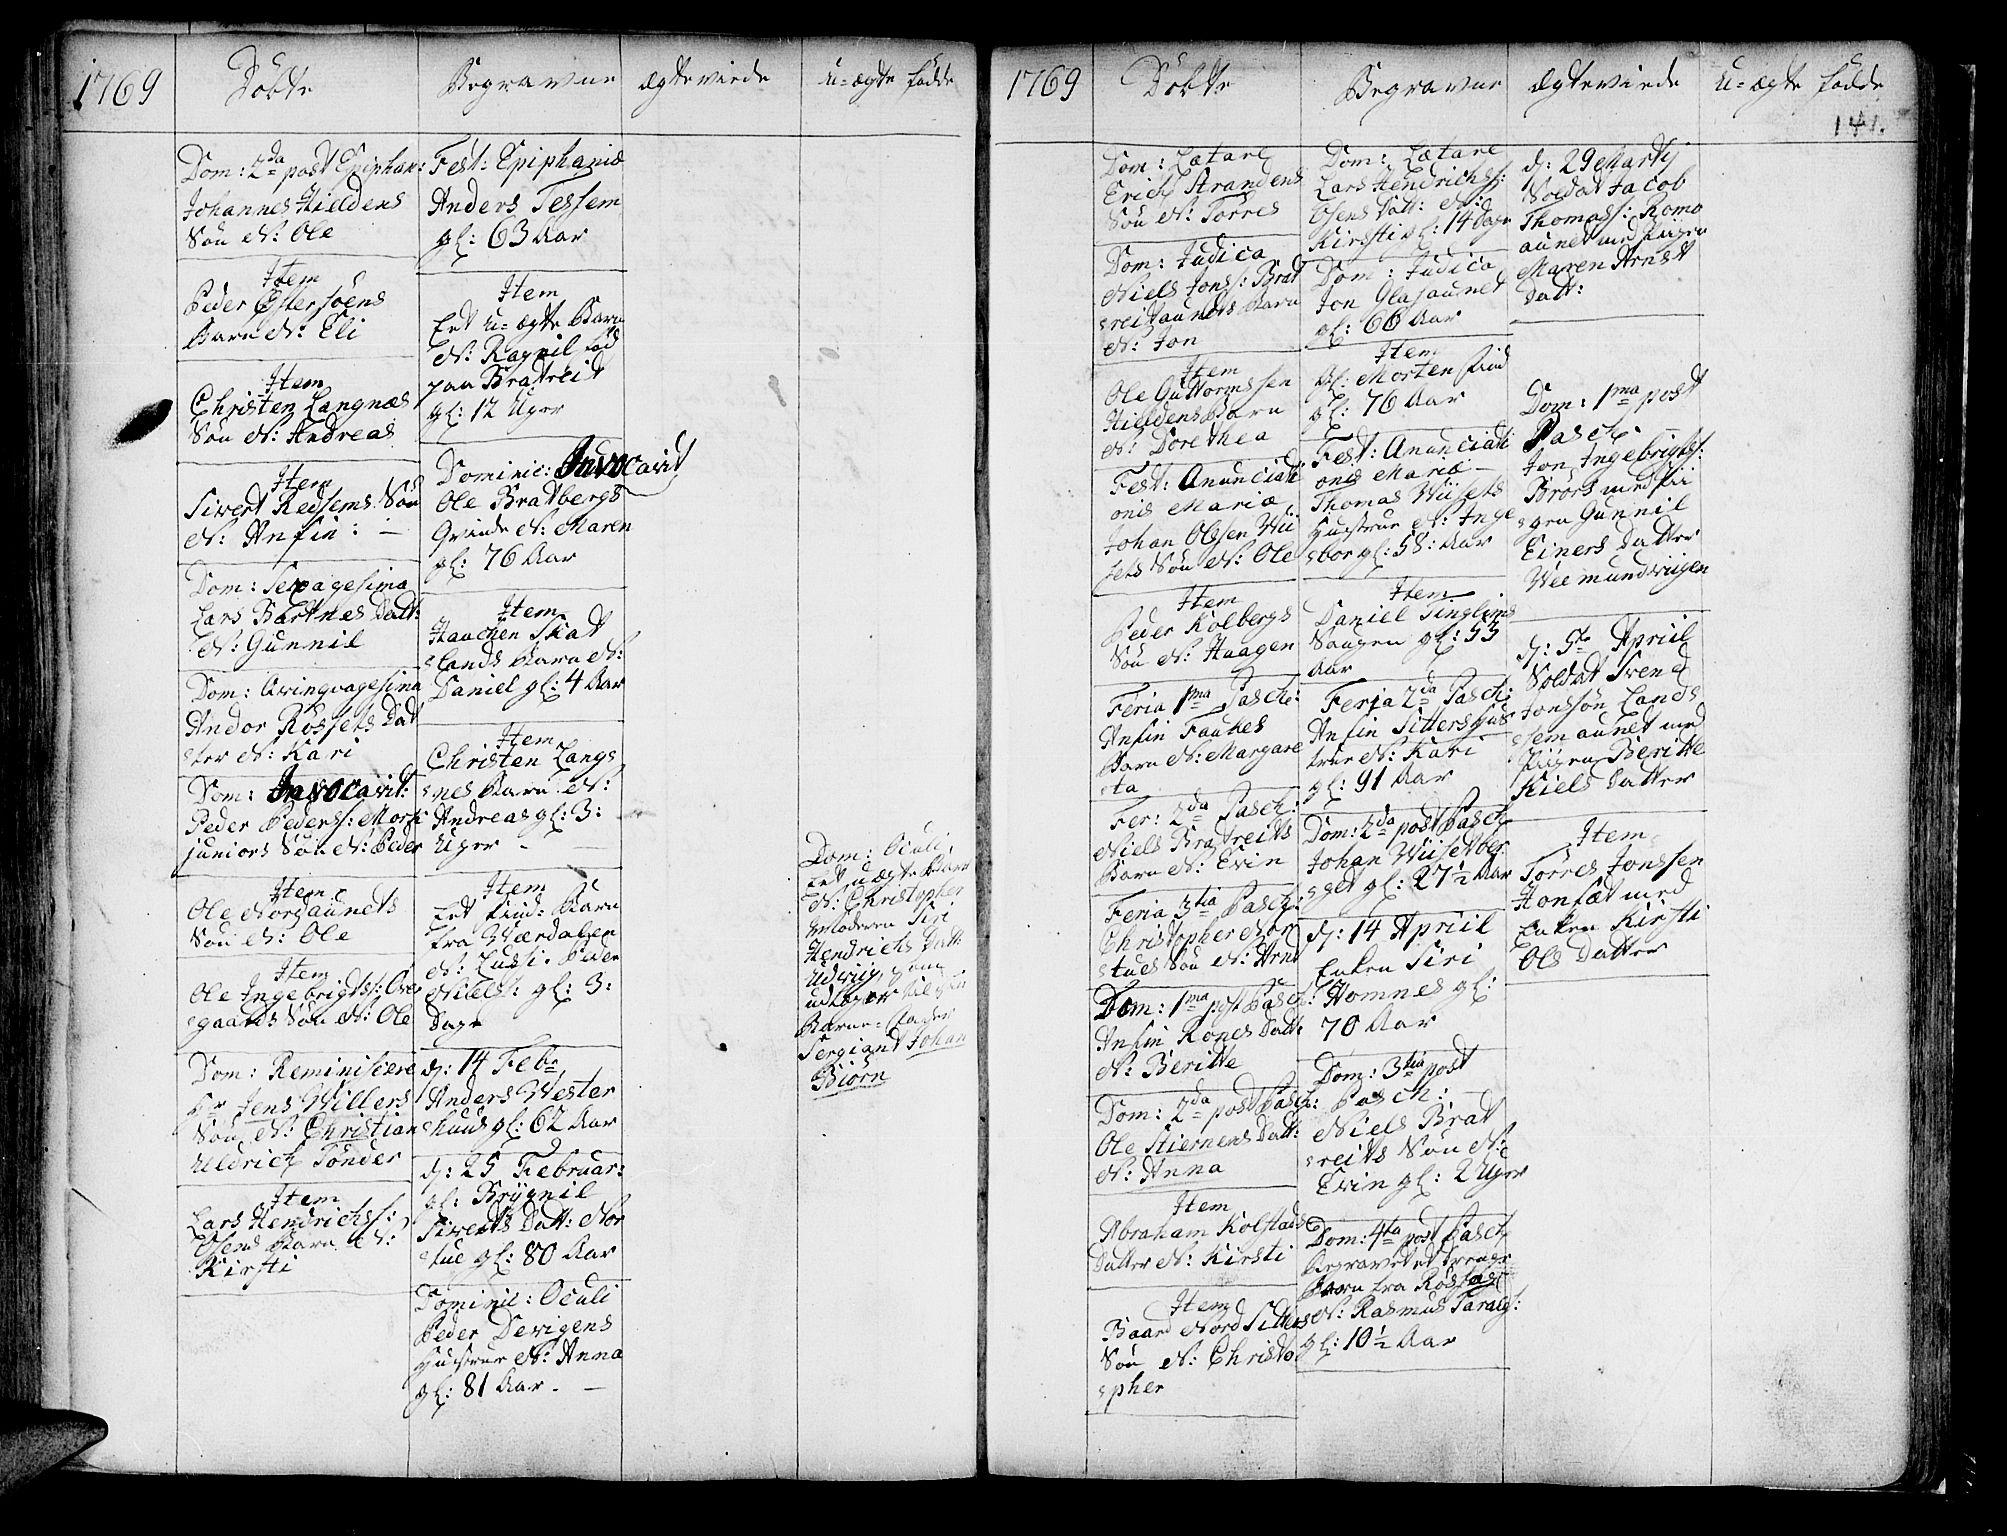 SAT, Ministerialprotokoller, klokkerbøker og fødselsregistre - Nord-Trøndelag, 741/L0385: Ministerialbok nr. 741A01, 1722-1815, s. 141